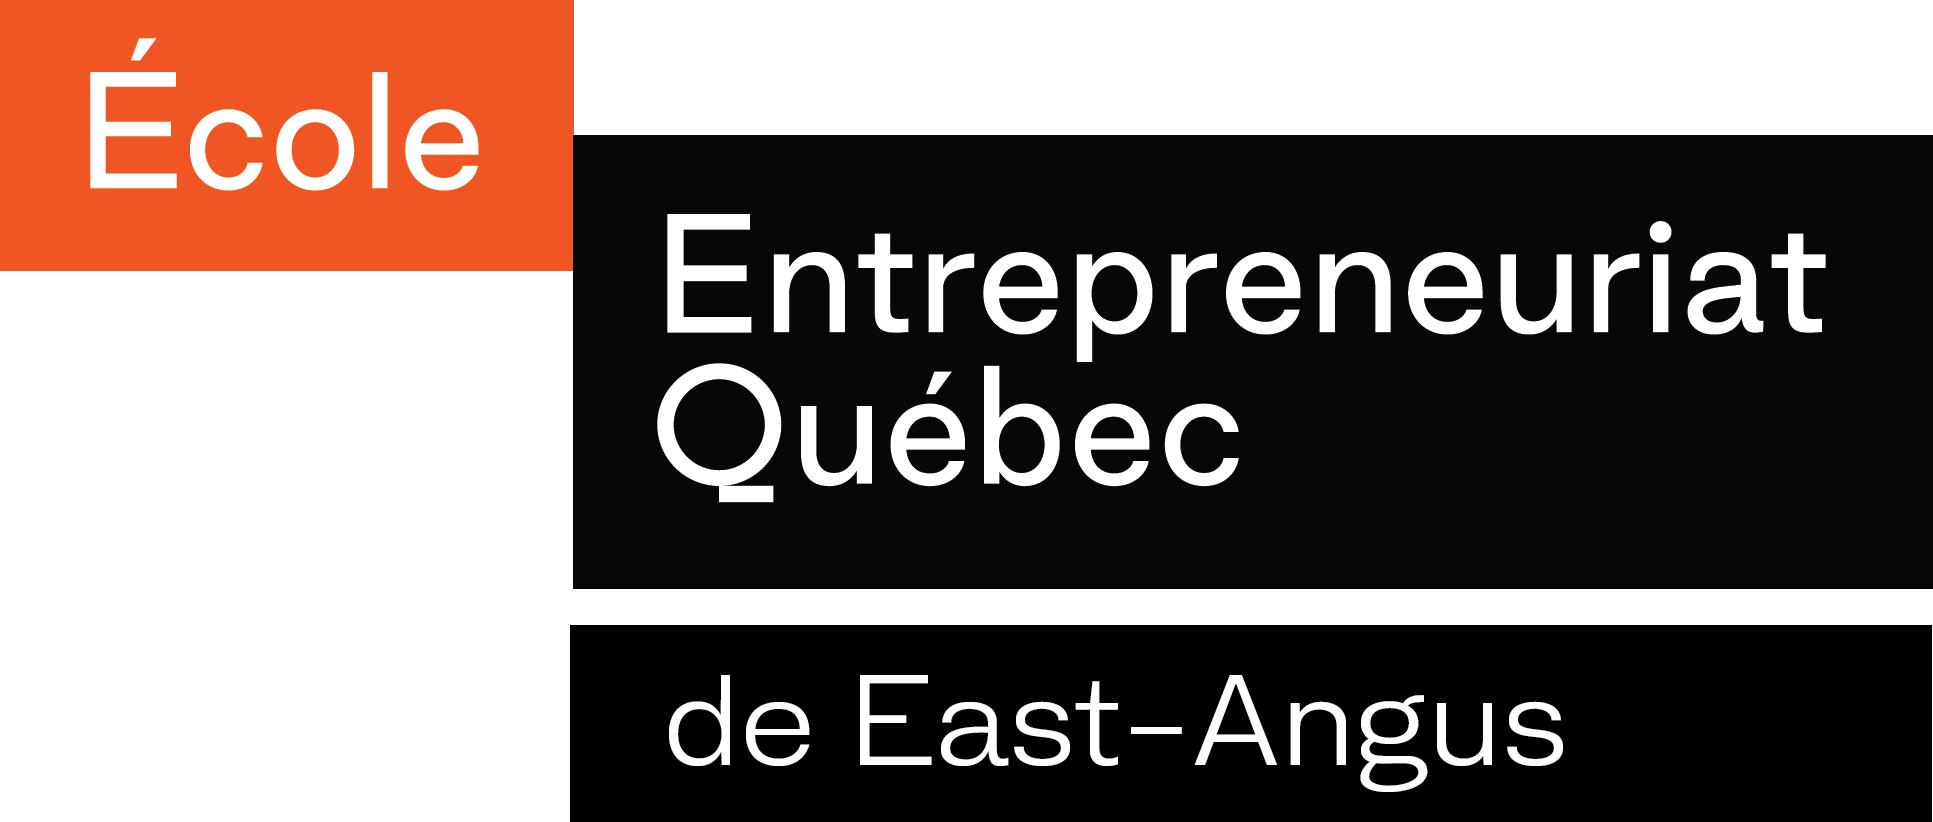 Logos ÉEQ de East-Angus.jpg